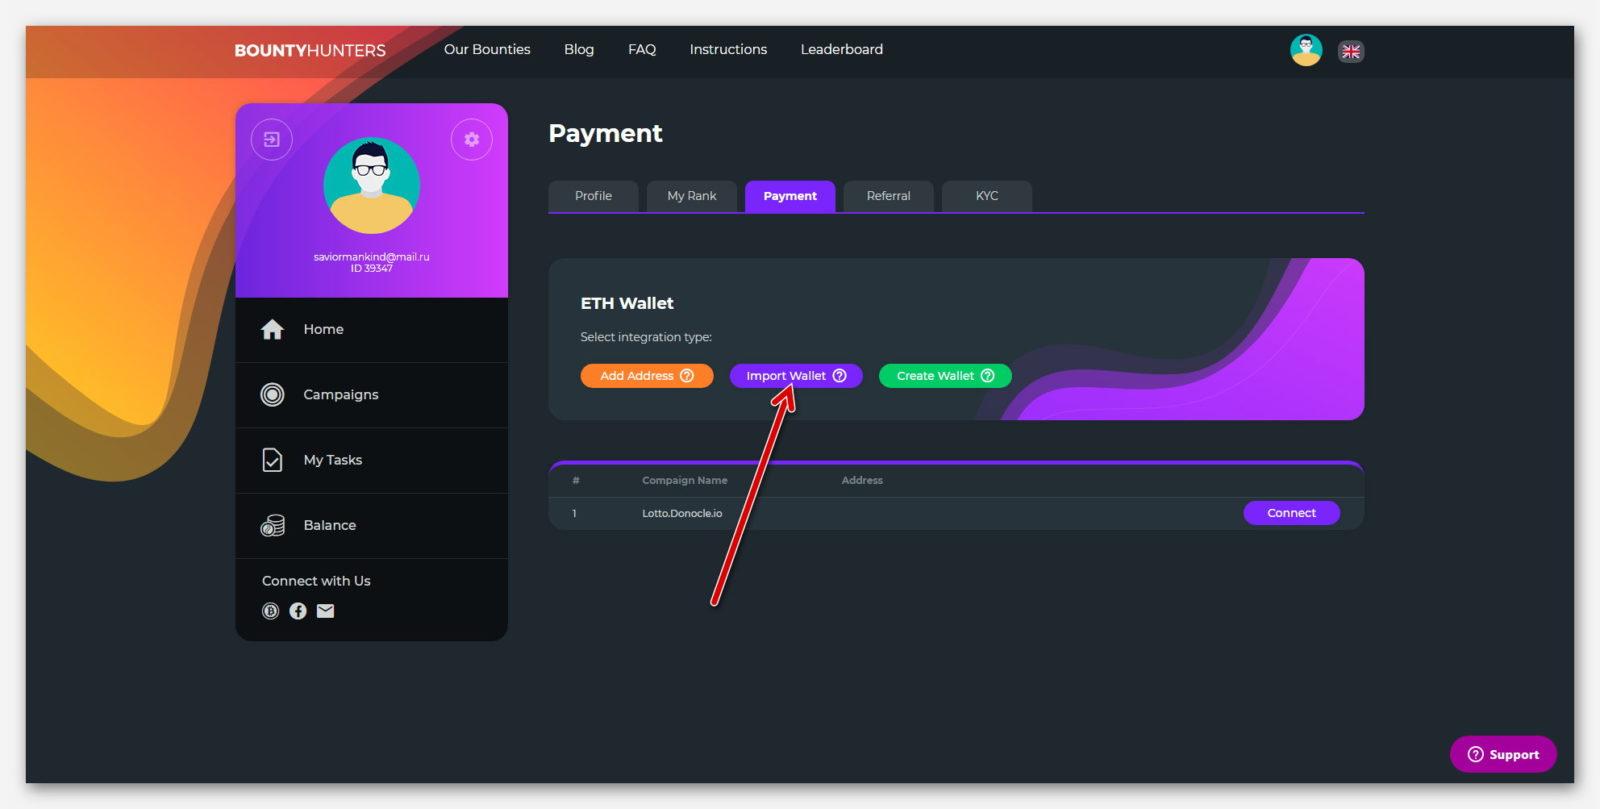 Импорт Ethereum кошелька в платформу BountyHunters